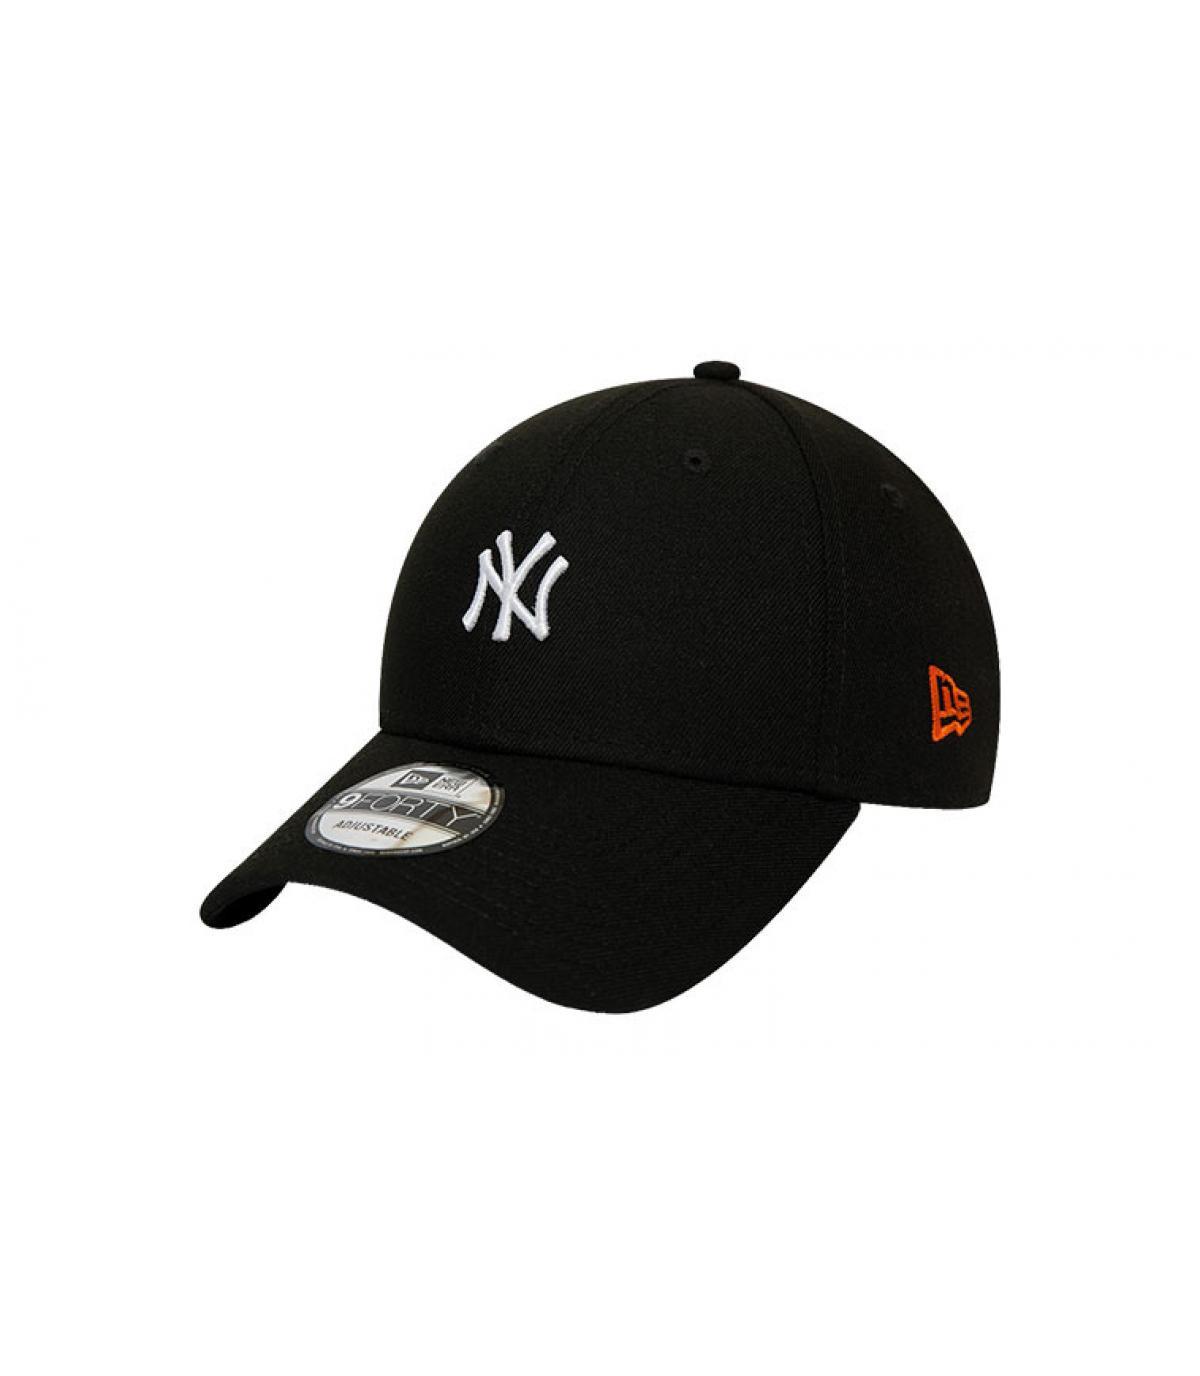 casquette NY noir Japon